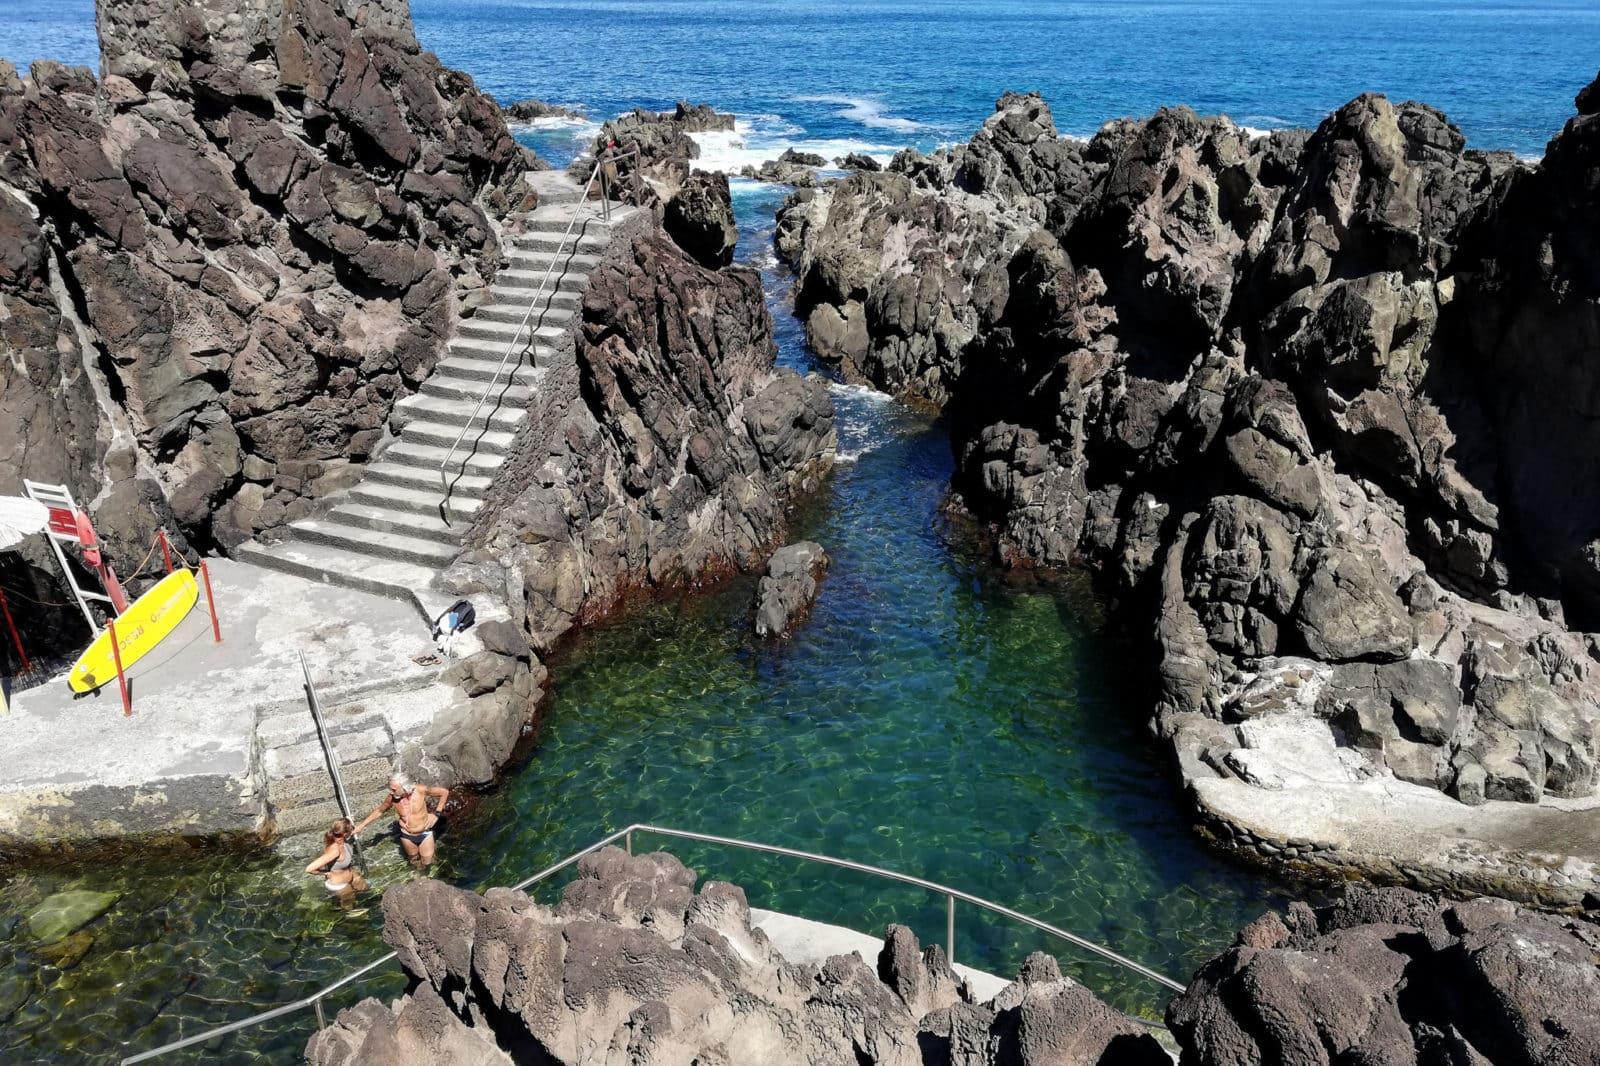 Спуск в воду по лестницам с перилами (фото: Bruno Guerreiro)